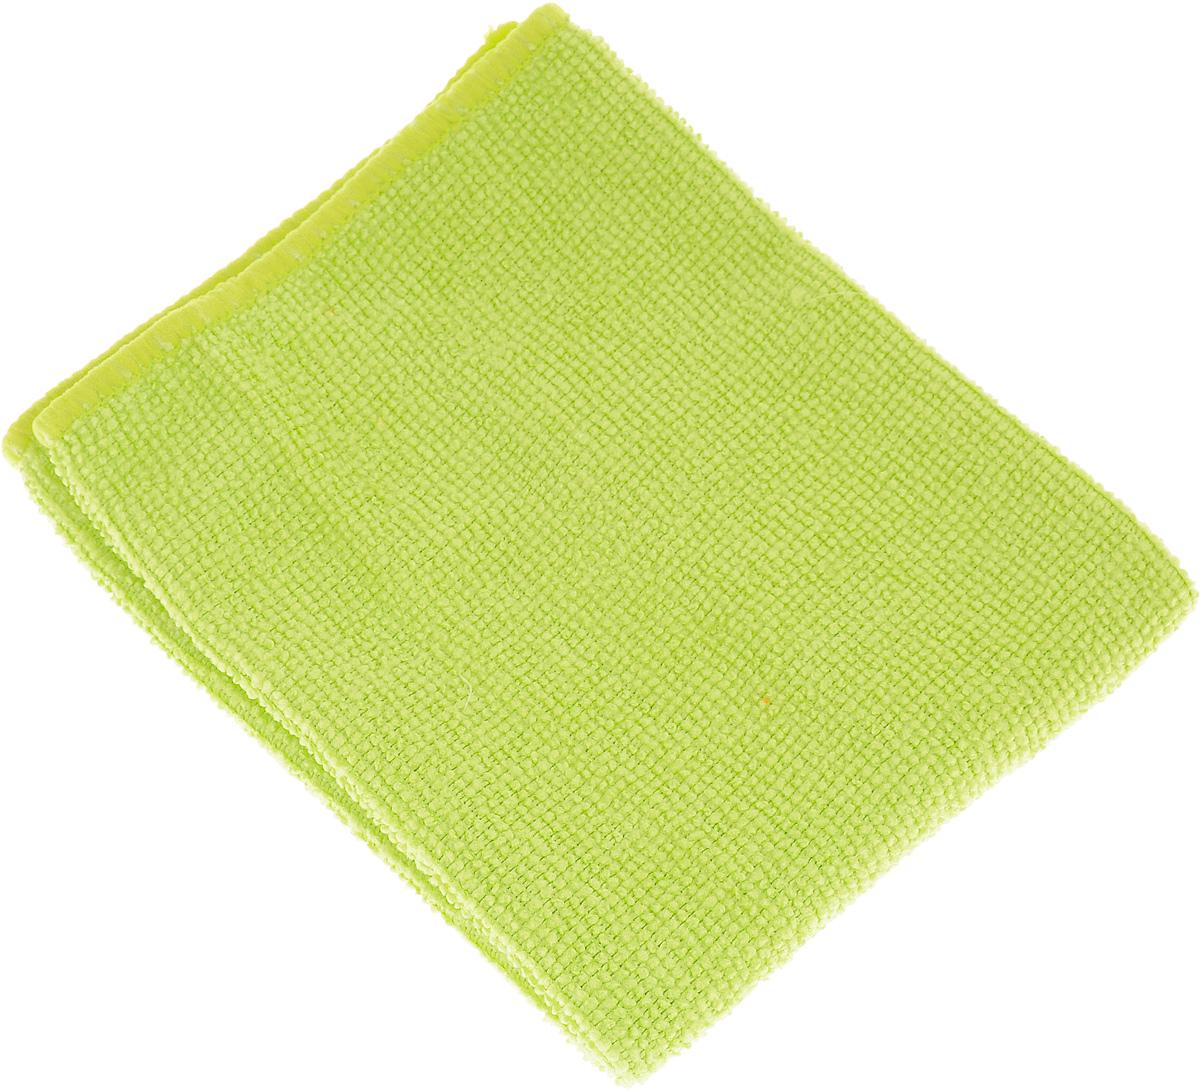 Салфетка из микрофибры Rexxon, универсальная, 35 х 35 см1004900000360Универсальная салфетка Rexxon выполнена из высококачественного полиэстера и полиамида. Благодаря своей структуре она эффективно удаляет с твердых поверхностей грязь, следы засохших насекомых.Микрофибра удаляет грязь с поверхности намного эффективнее, быстрее и значительно более бережно в сравнении с обычной тканью, что существенно снижает время на проведение уборки, поскольку отсутствует необходимость протирать одно и то же место дважды. Использовать салфетку можно для чистки как наружных, так и внутренних поверхностей автомобиля. Используя подобную мягкую ткань, можно проникнуть даже в самые труднодоступные места и эффективно очистить от пыли и бактерий все поверхности. Микрофибра устойчива к истиранию, ее можно быстро вернуть к первоначальному виду с помощью ручной стирки при температуре 60°С. Приобретая микрофибровые изделия для чистки автомобиля, каждый владелец сможет обеспечить достойный уход за любимым транспортным средством.Состав: 80% полиэстер, 20% полиамид.Размер салфетки: 35 х 35 см.